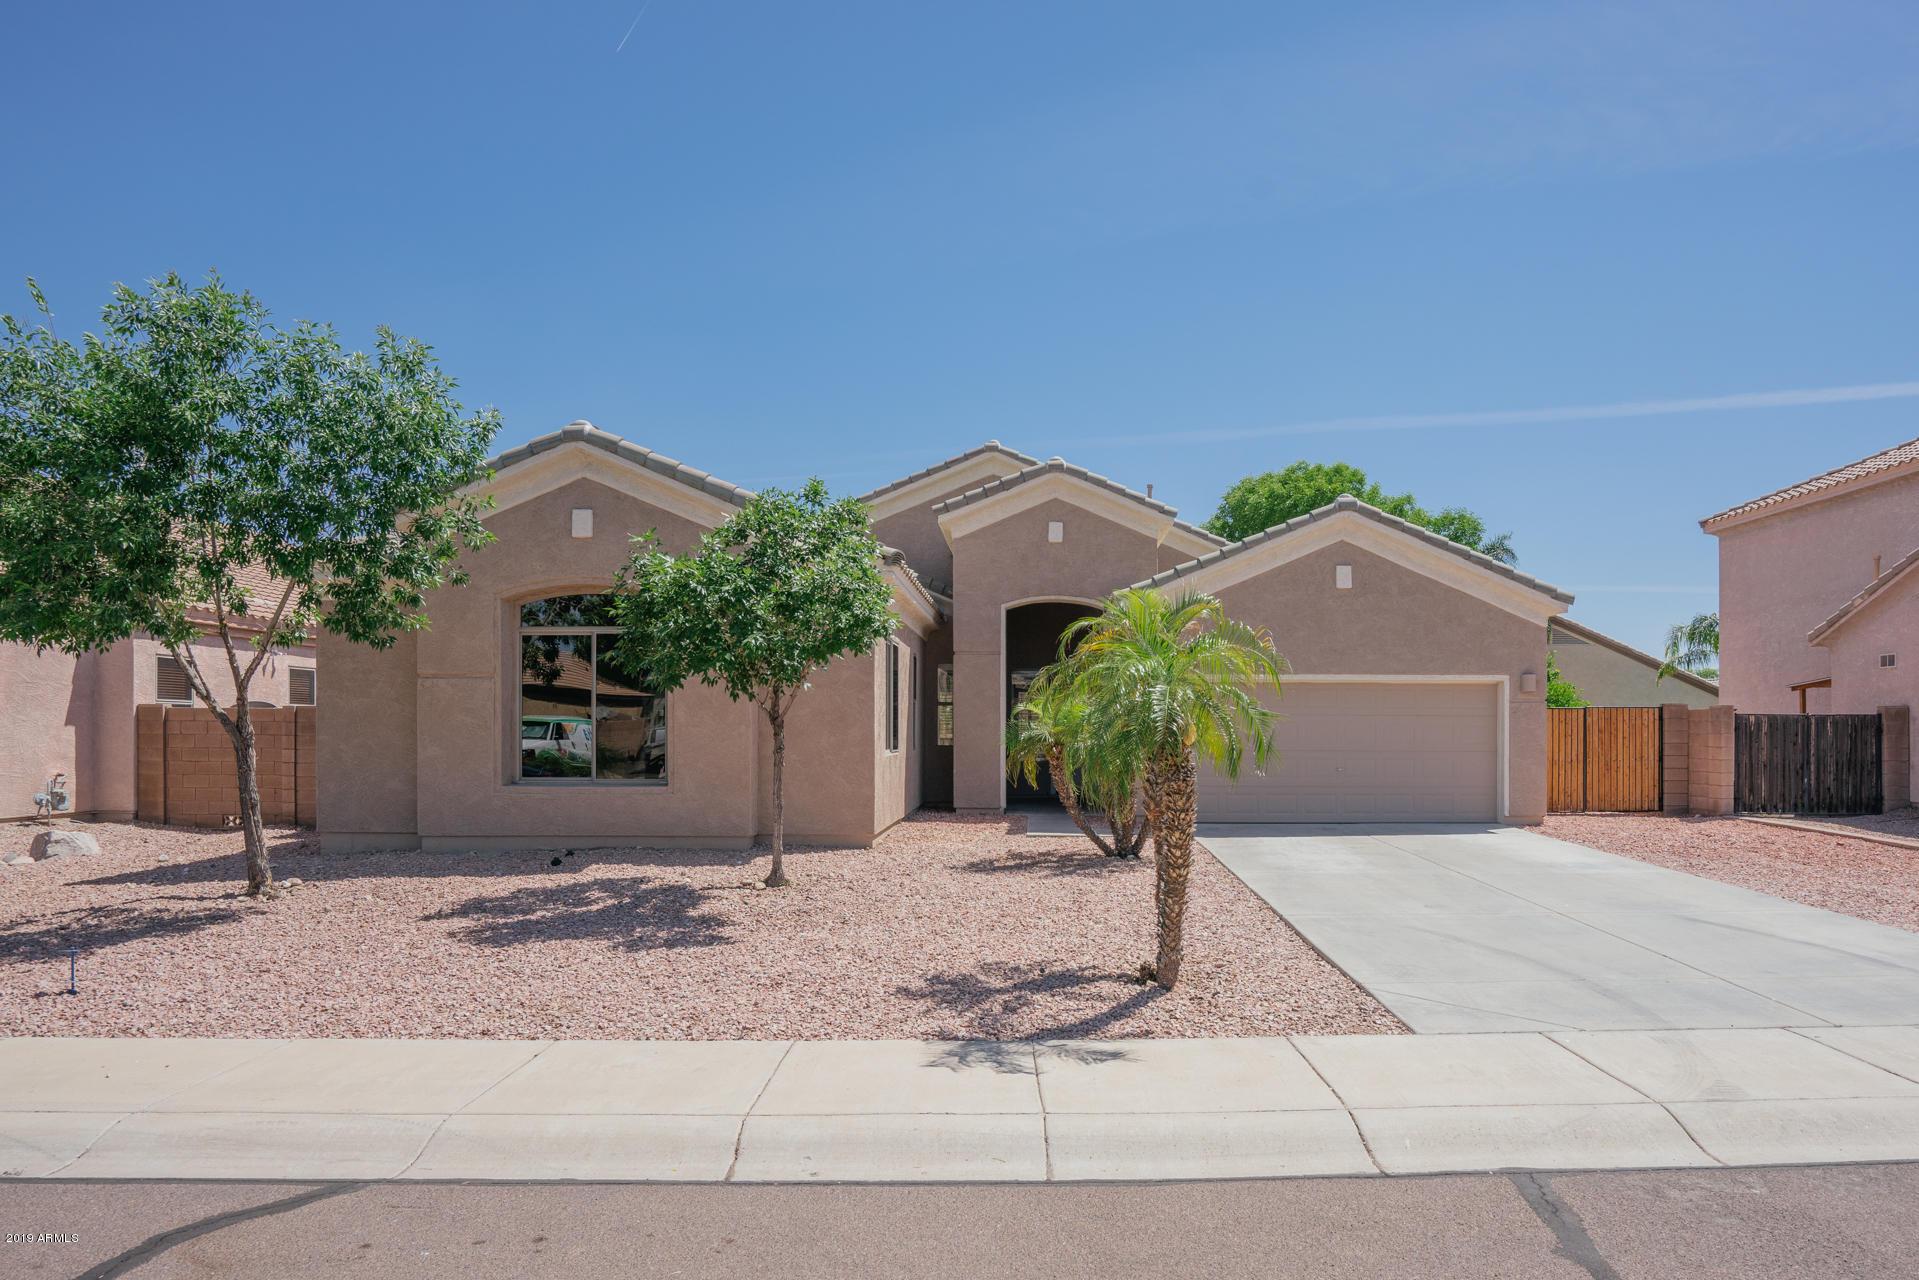 Photo of 9443 W MELINDA Lane, Peoria, AZ 85382